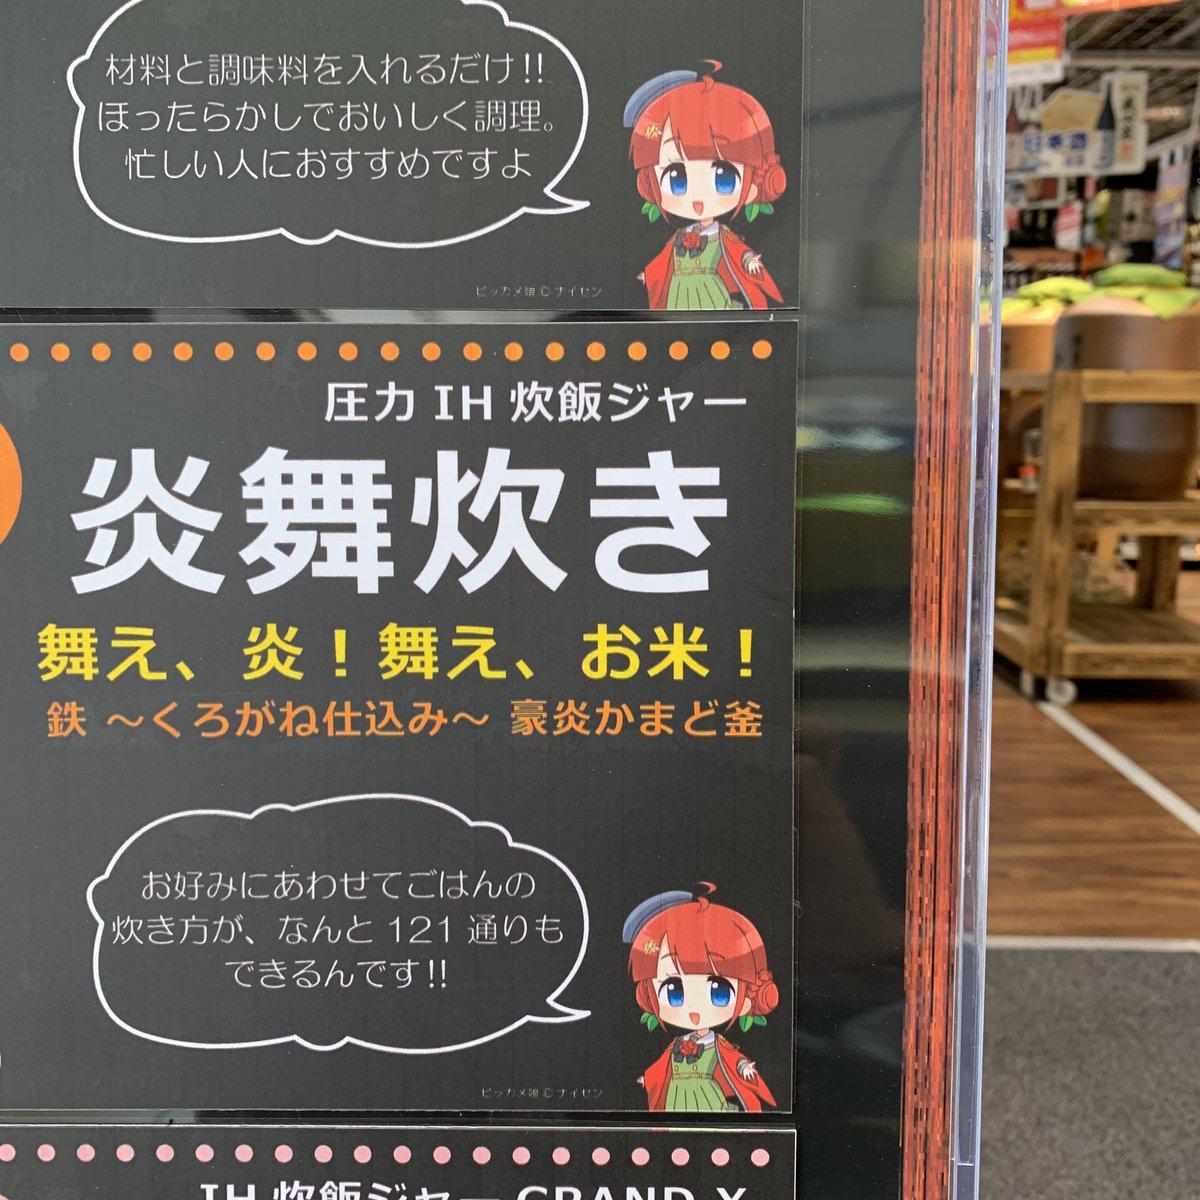 ビックカメラ 赤坂見附店「忙しい人におすすめ」